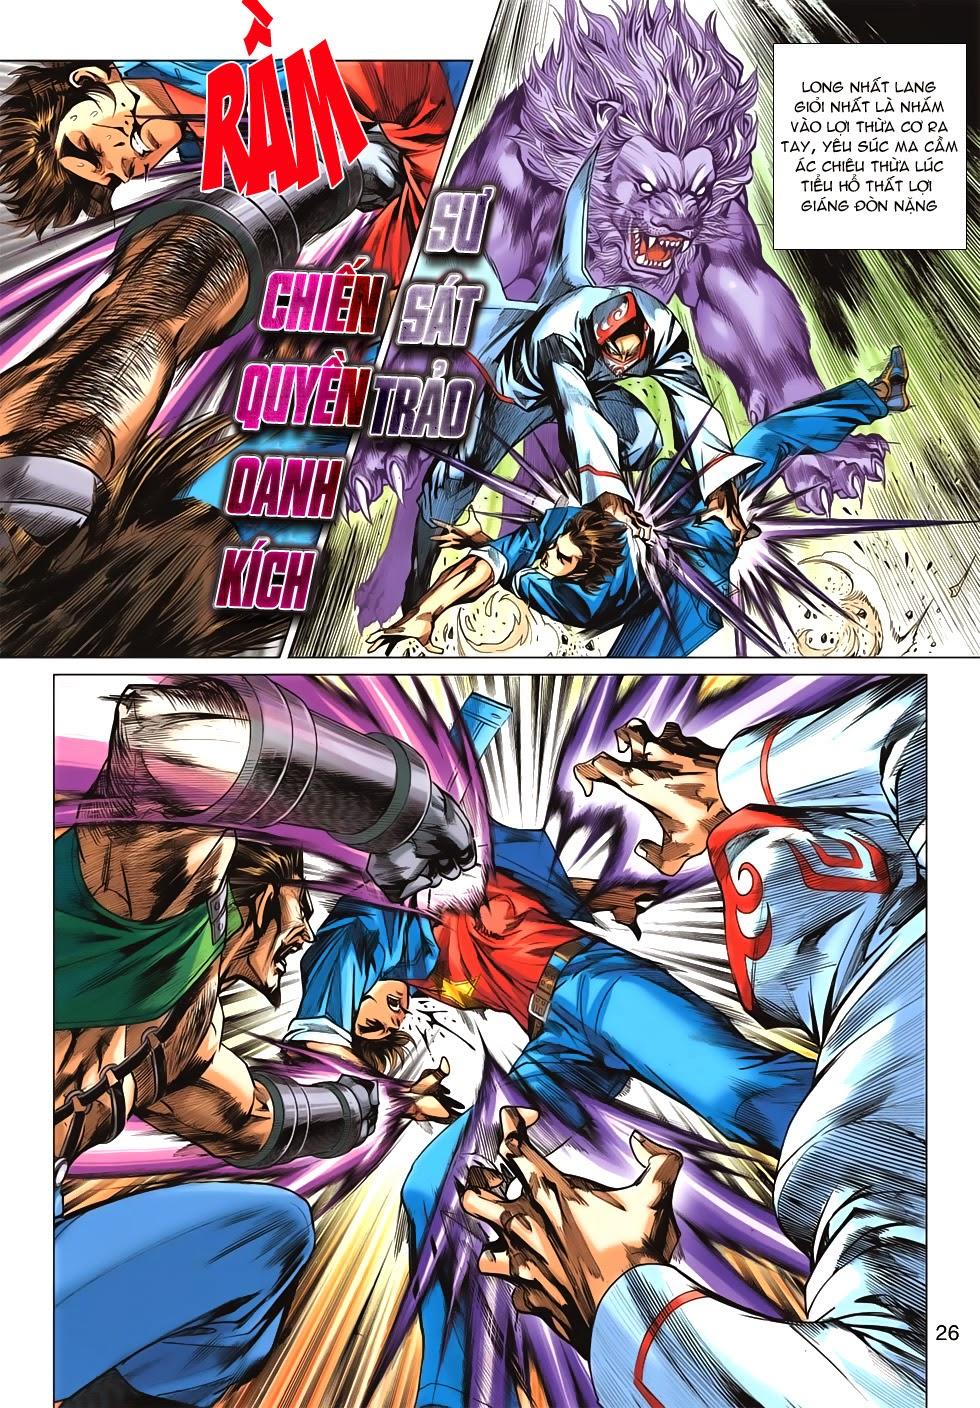 Tân Tác Long Hổ Môn trang 26